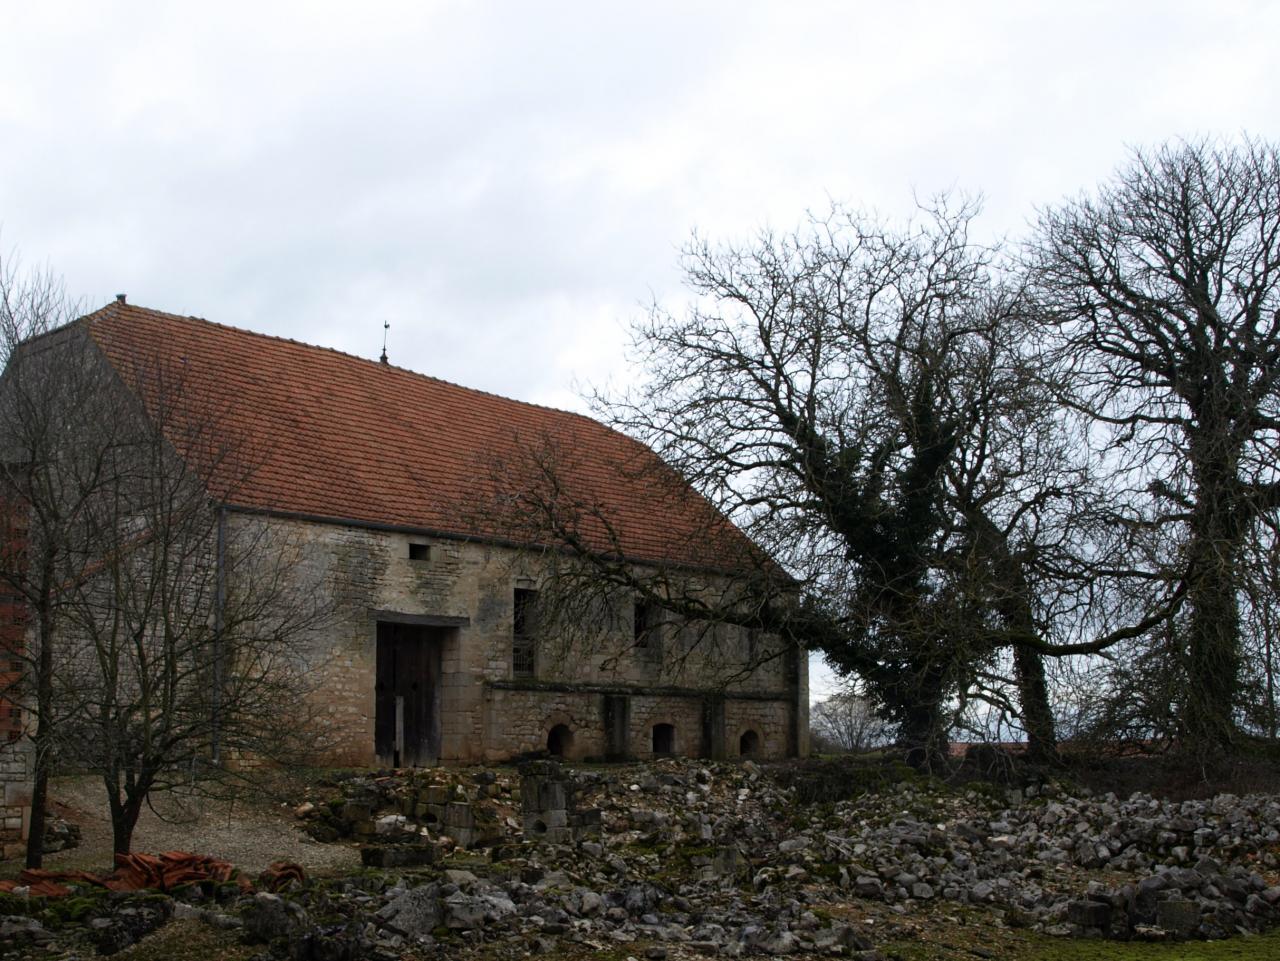 Les vestiges de l'ancienne maison forte(v. 1500)